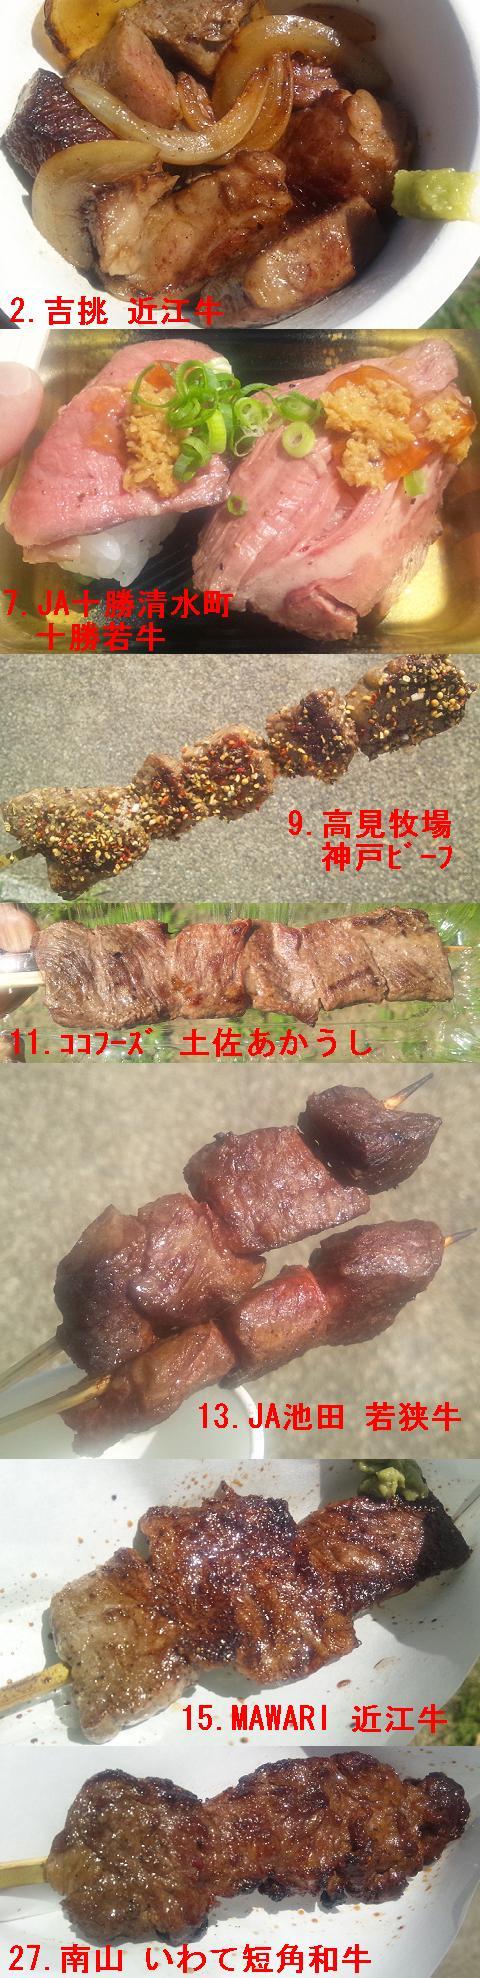 牛肉サミット2012 @滋賀県大津港一帯